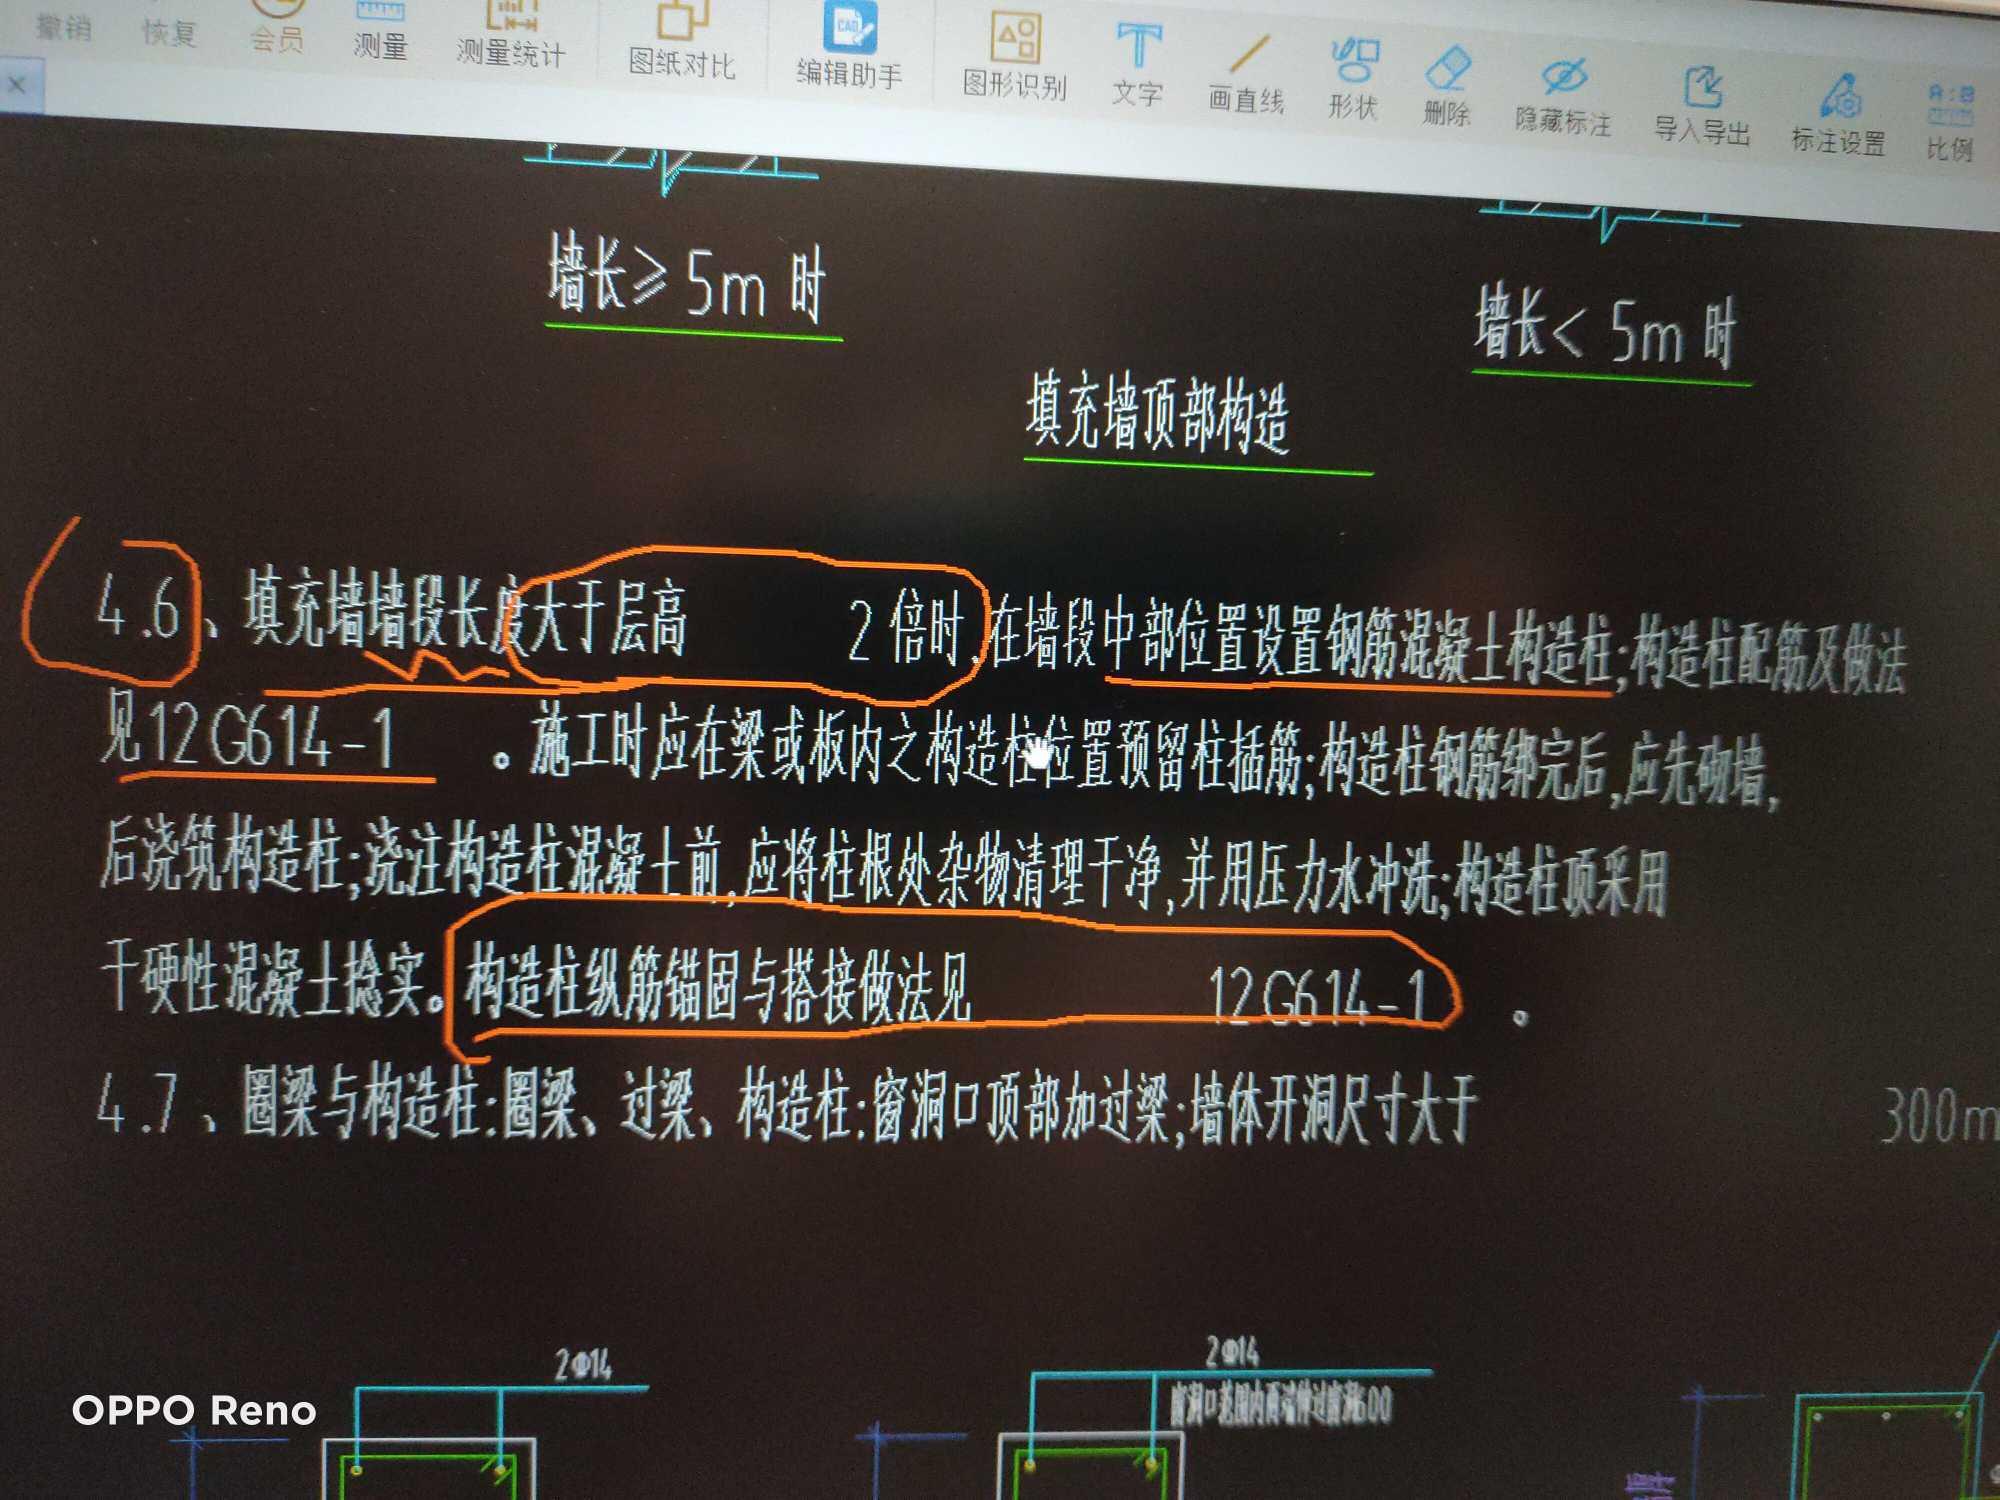 土建,辽宁,答疑:请教12G614-1中 构造柱的纵筋锚固与搭接是是多少呀,-辽宁土建,